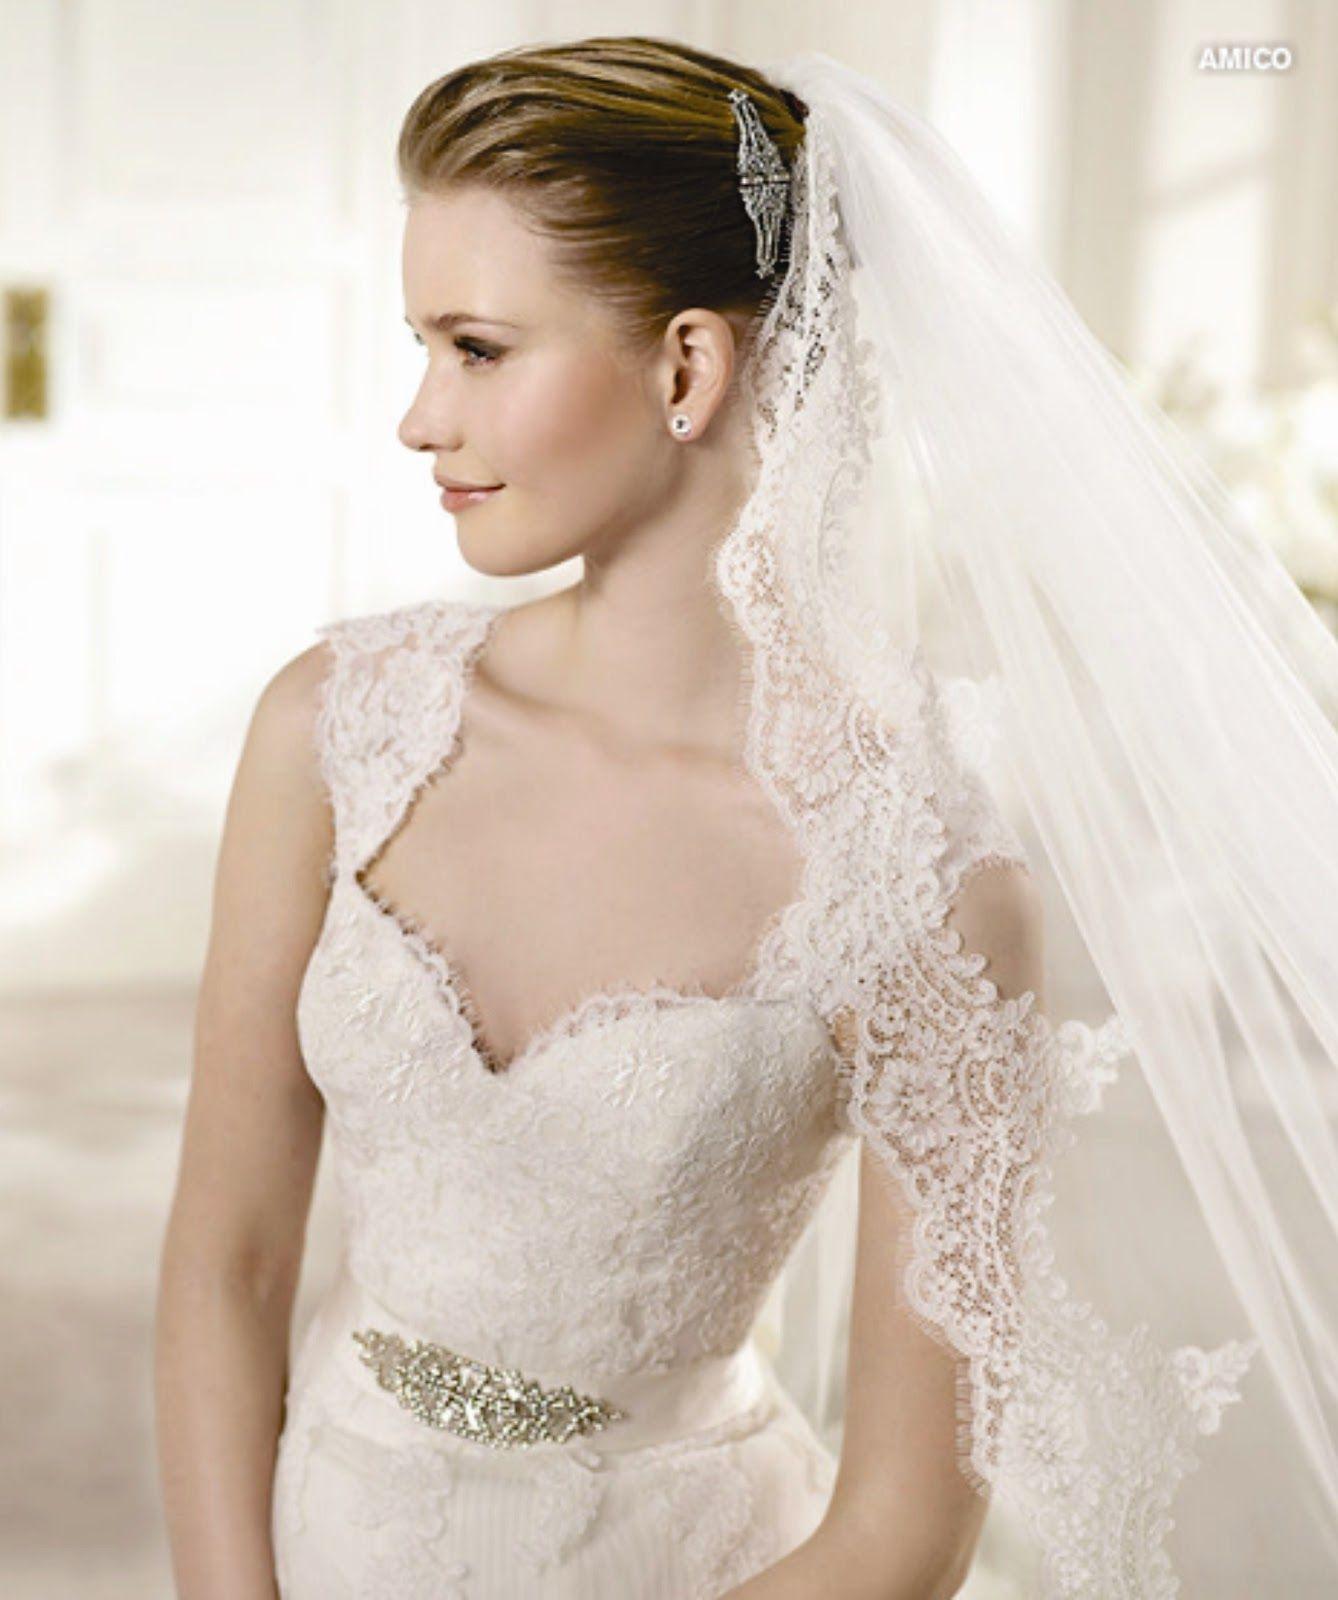 Vestidos de casamento modernos com renda